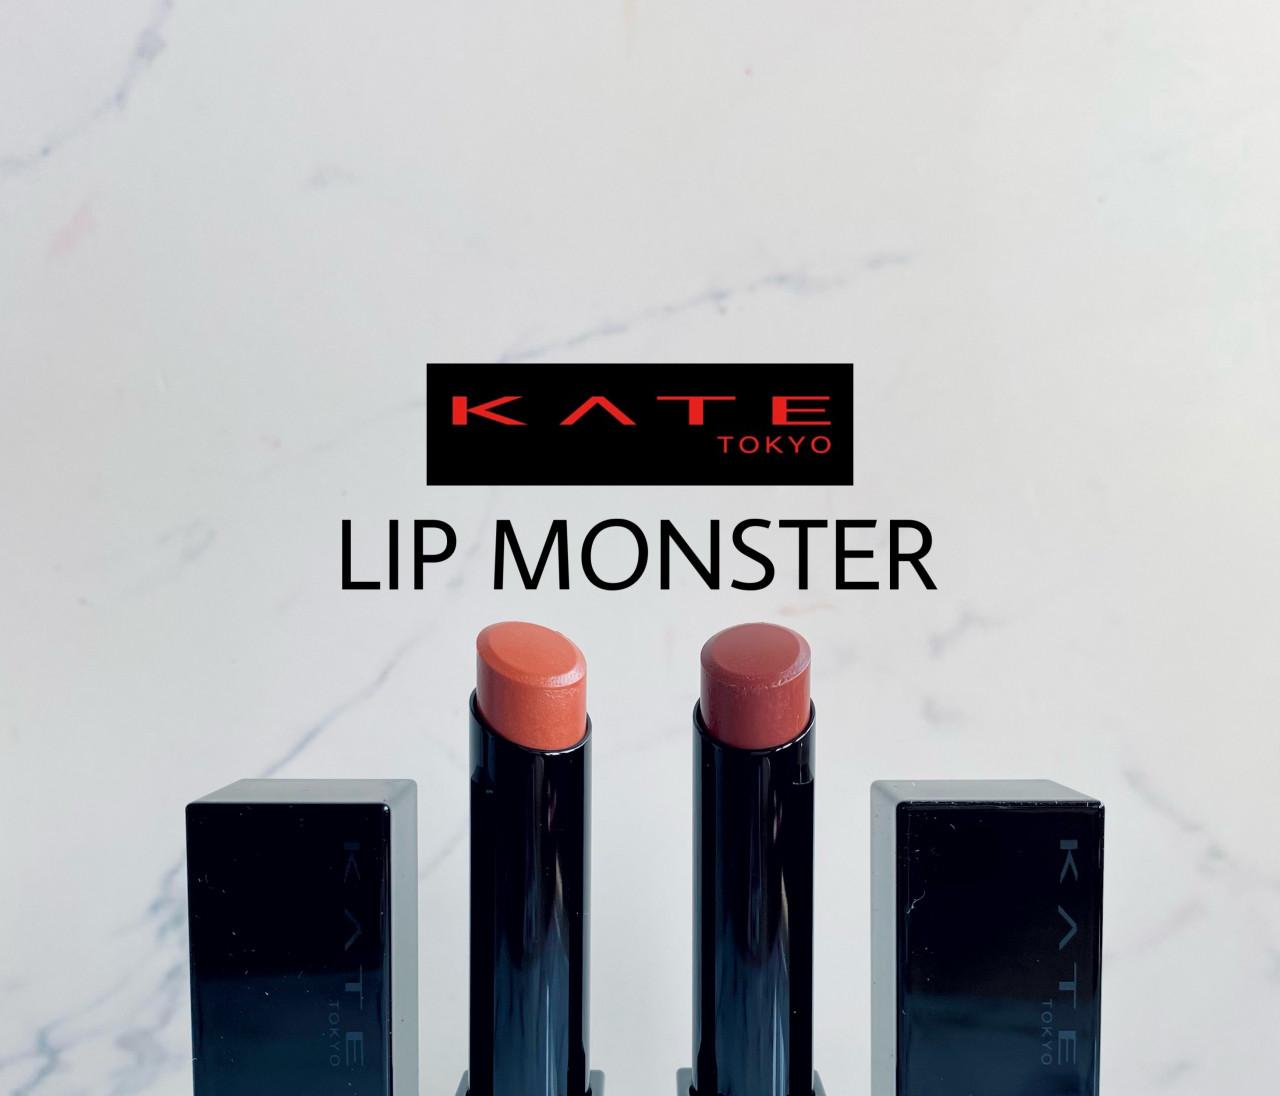 SNSでバズり中!【KATE】リップモンスター《人気の2色を比較》